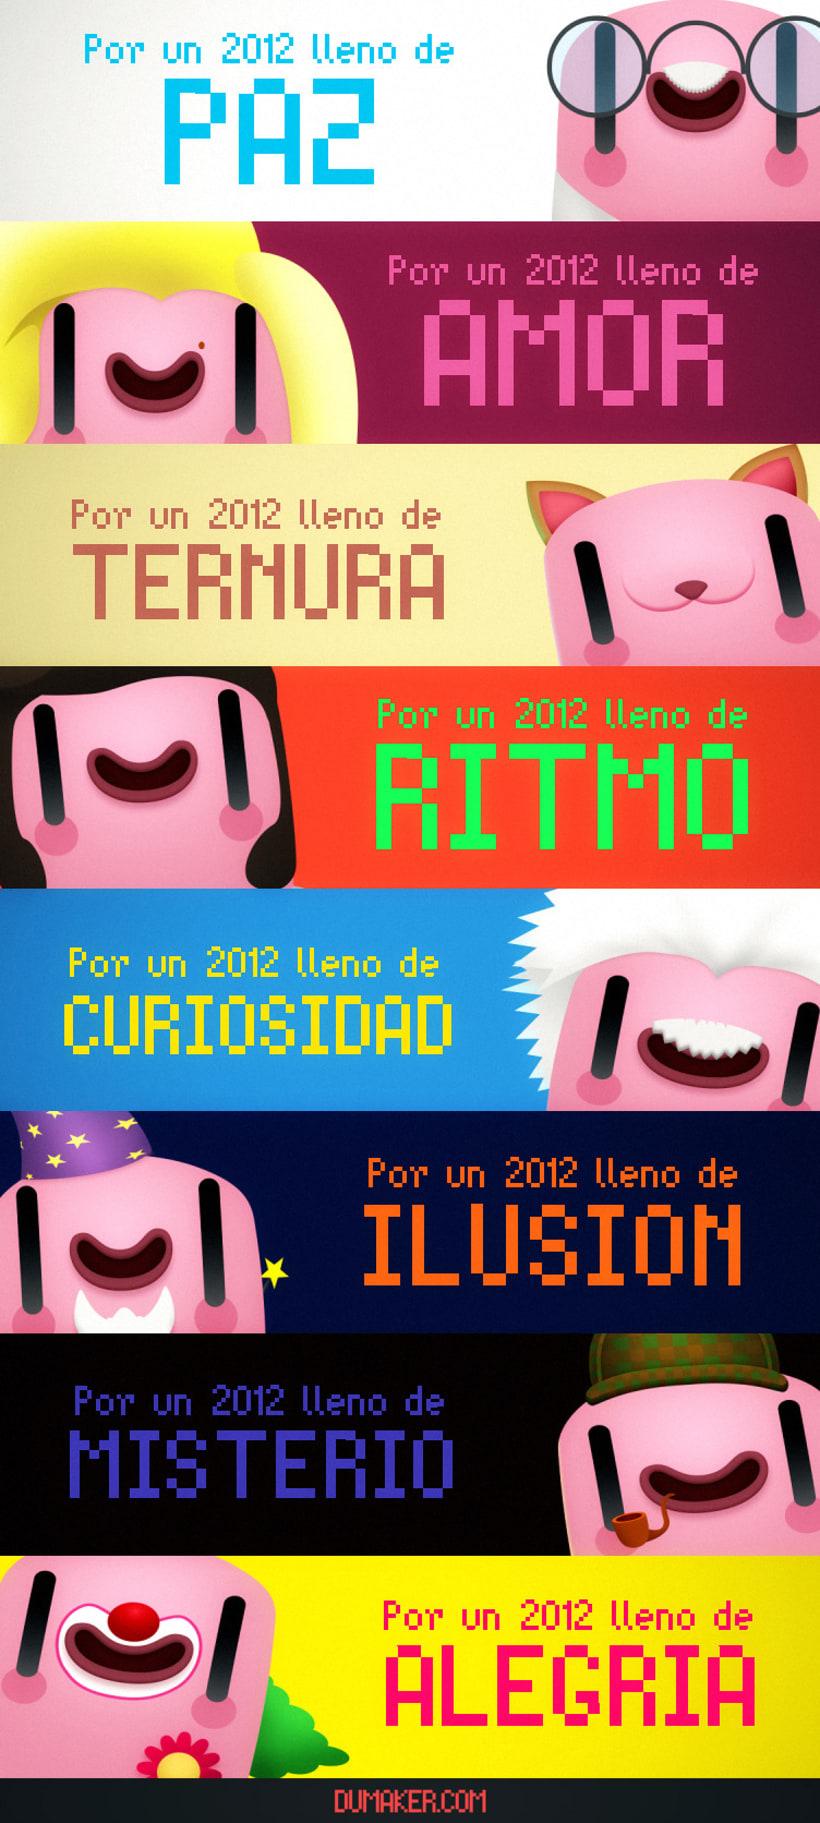 ¡Feliz año 2012! 4